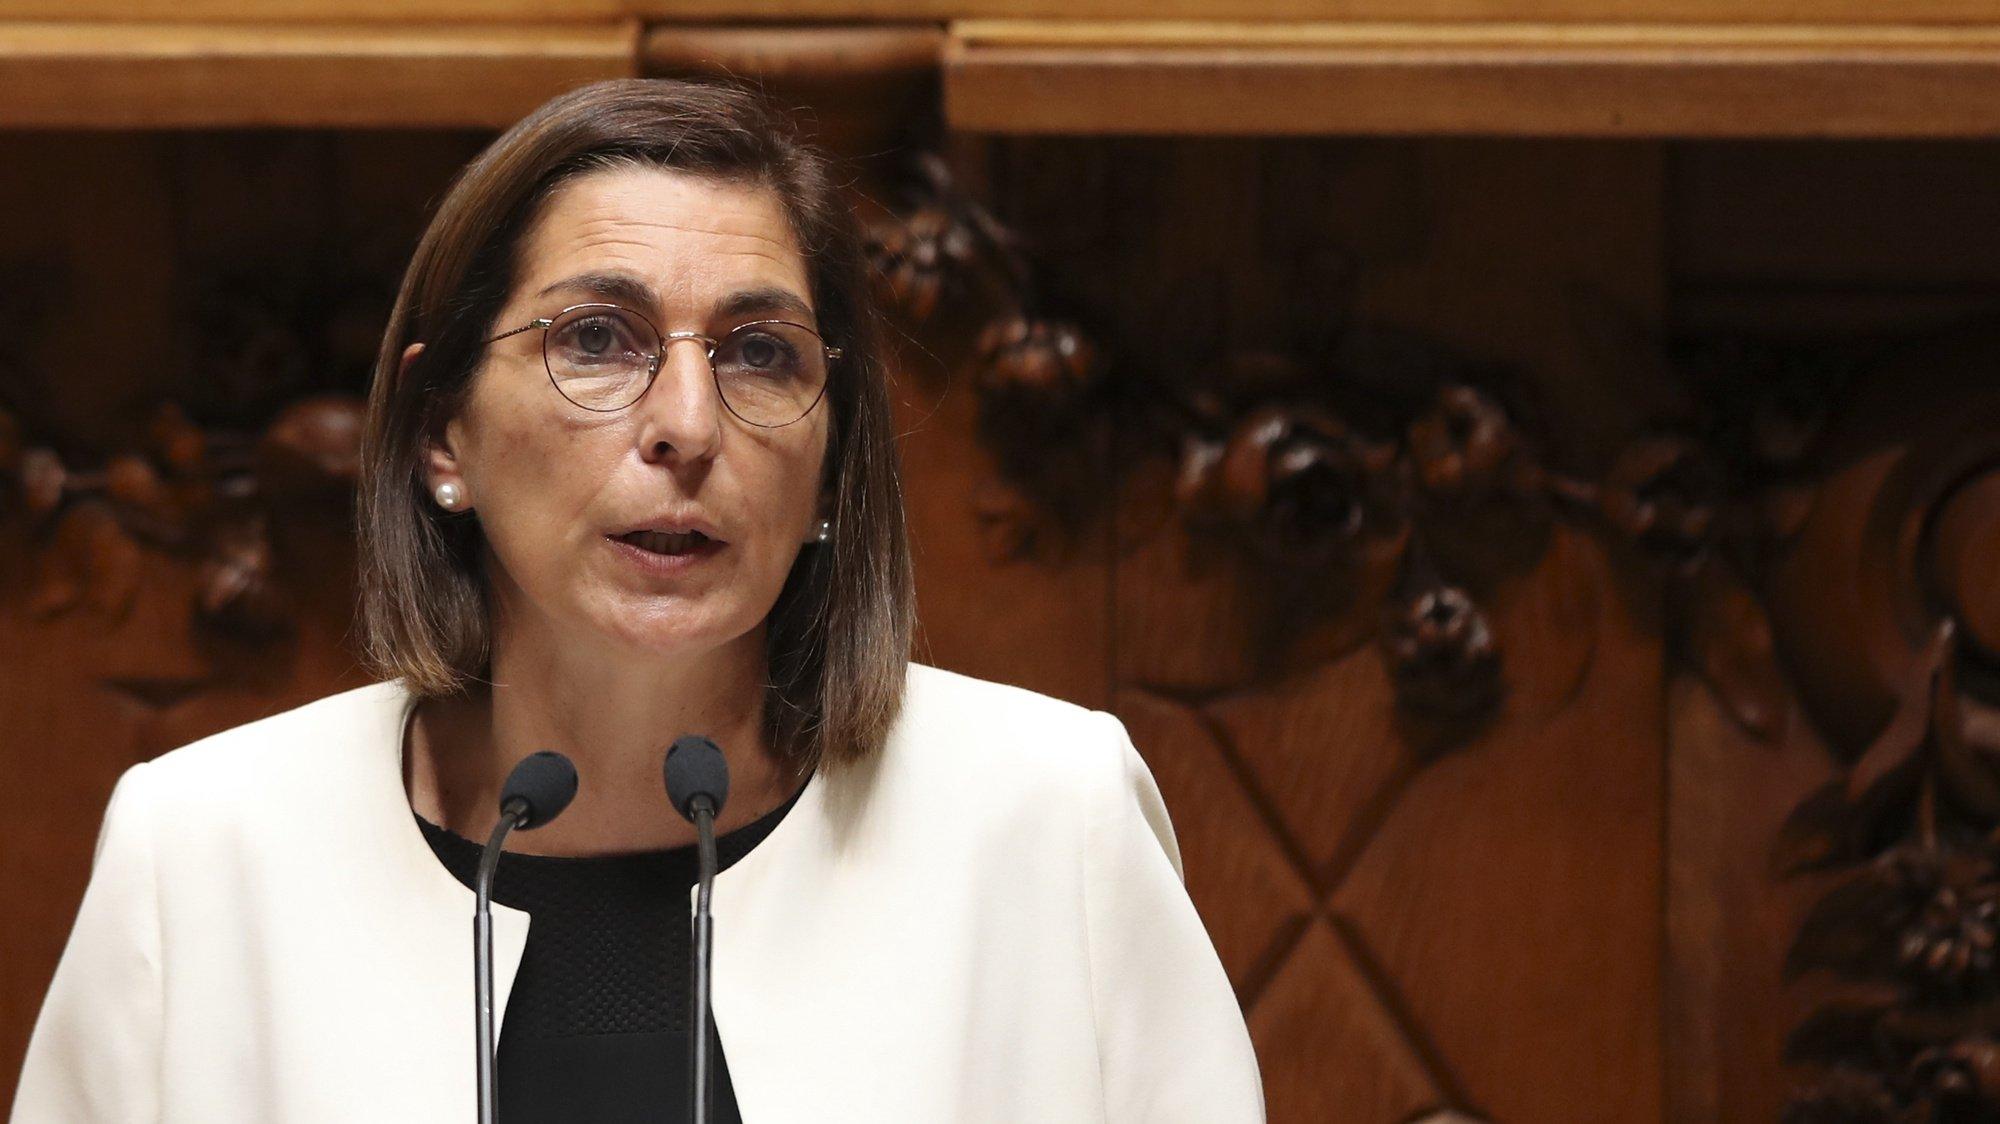 A líder parlamentar do Partido Socialista (PS), Ana Catarina Mendes, intervém durante a sessão evocativa do antigo Presidente da República Jorge Sampaio, realizada no parlamento, em Lisboa, 15 de setembro de 2021. MANUEL DE ALMEIDA/LUSA